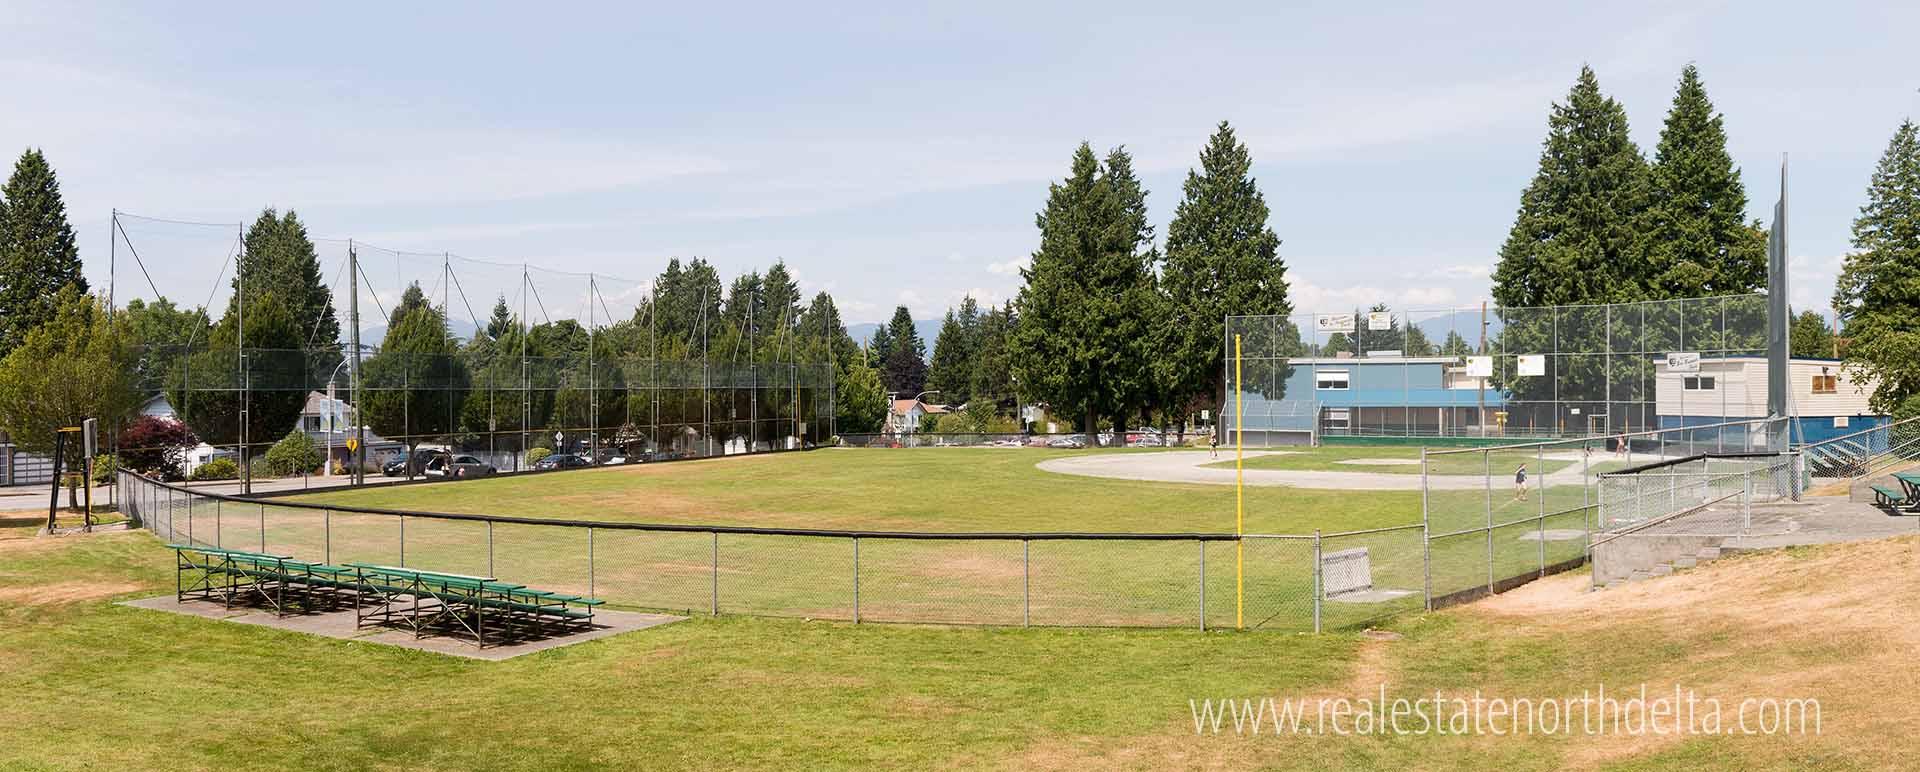 Annieville Park